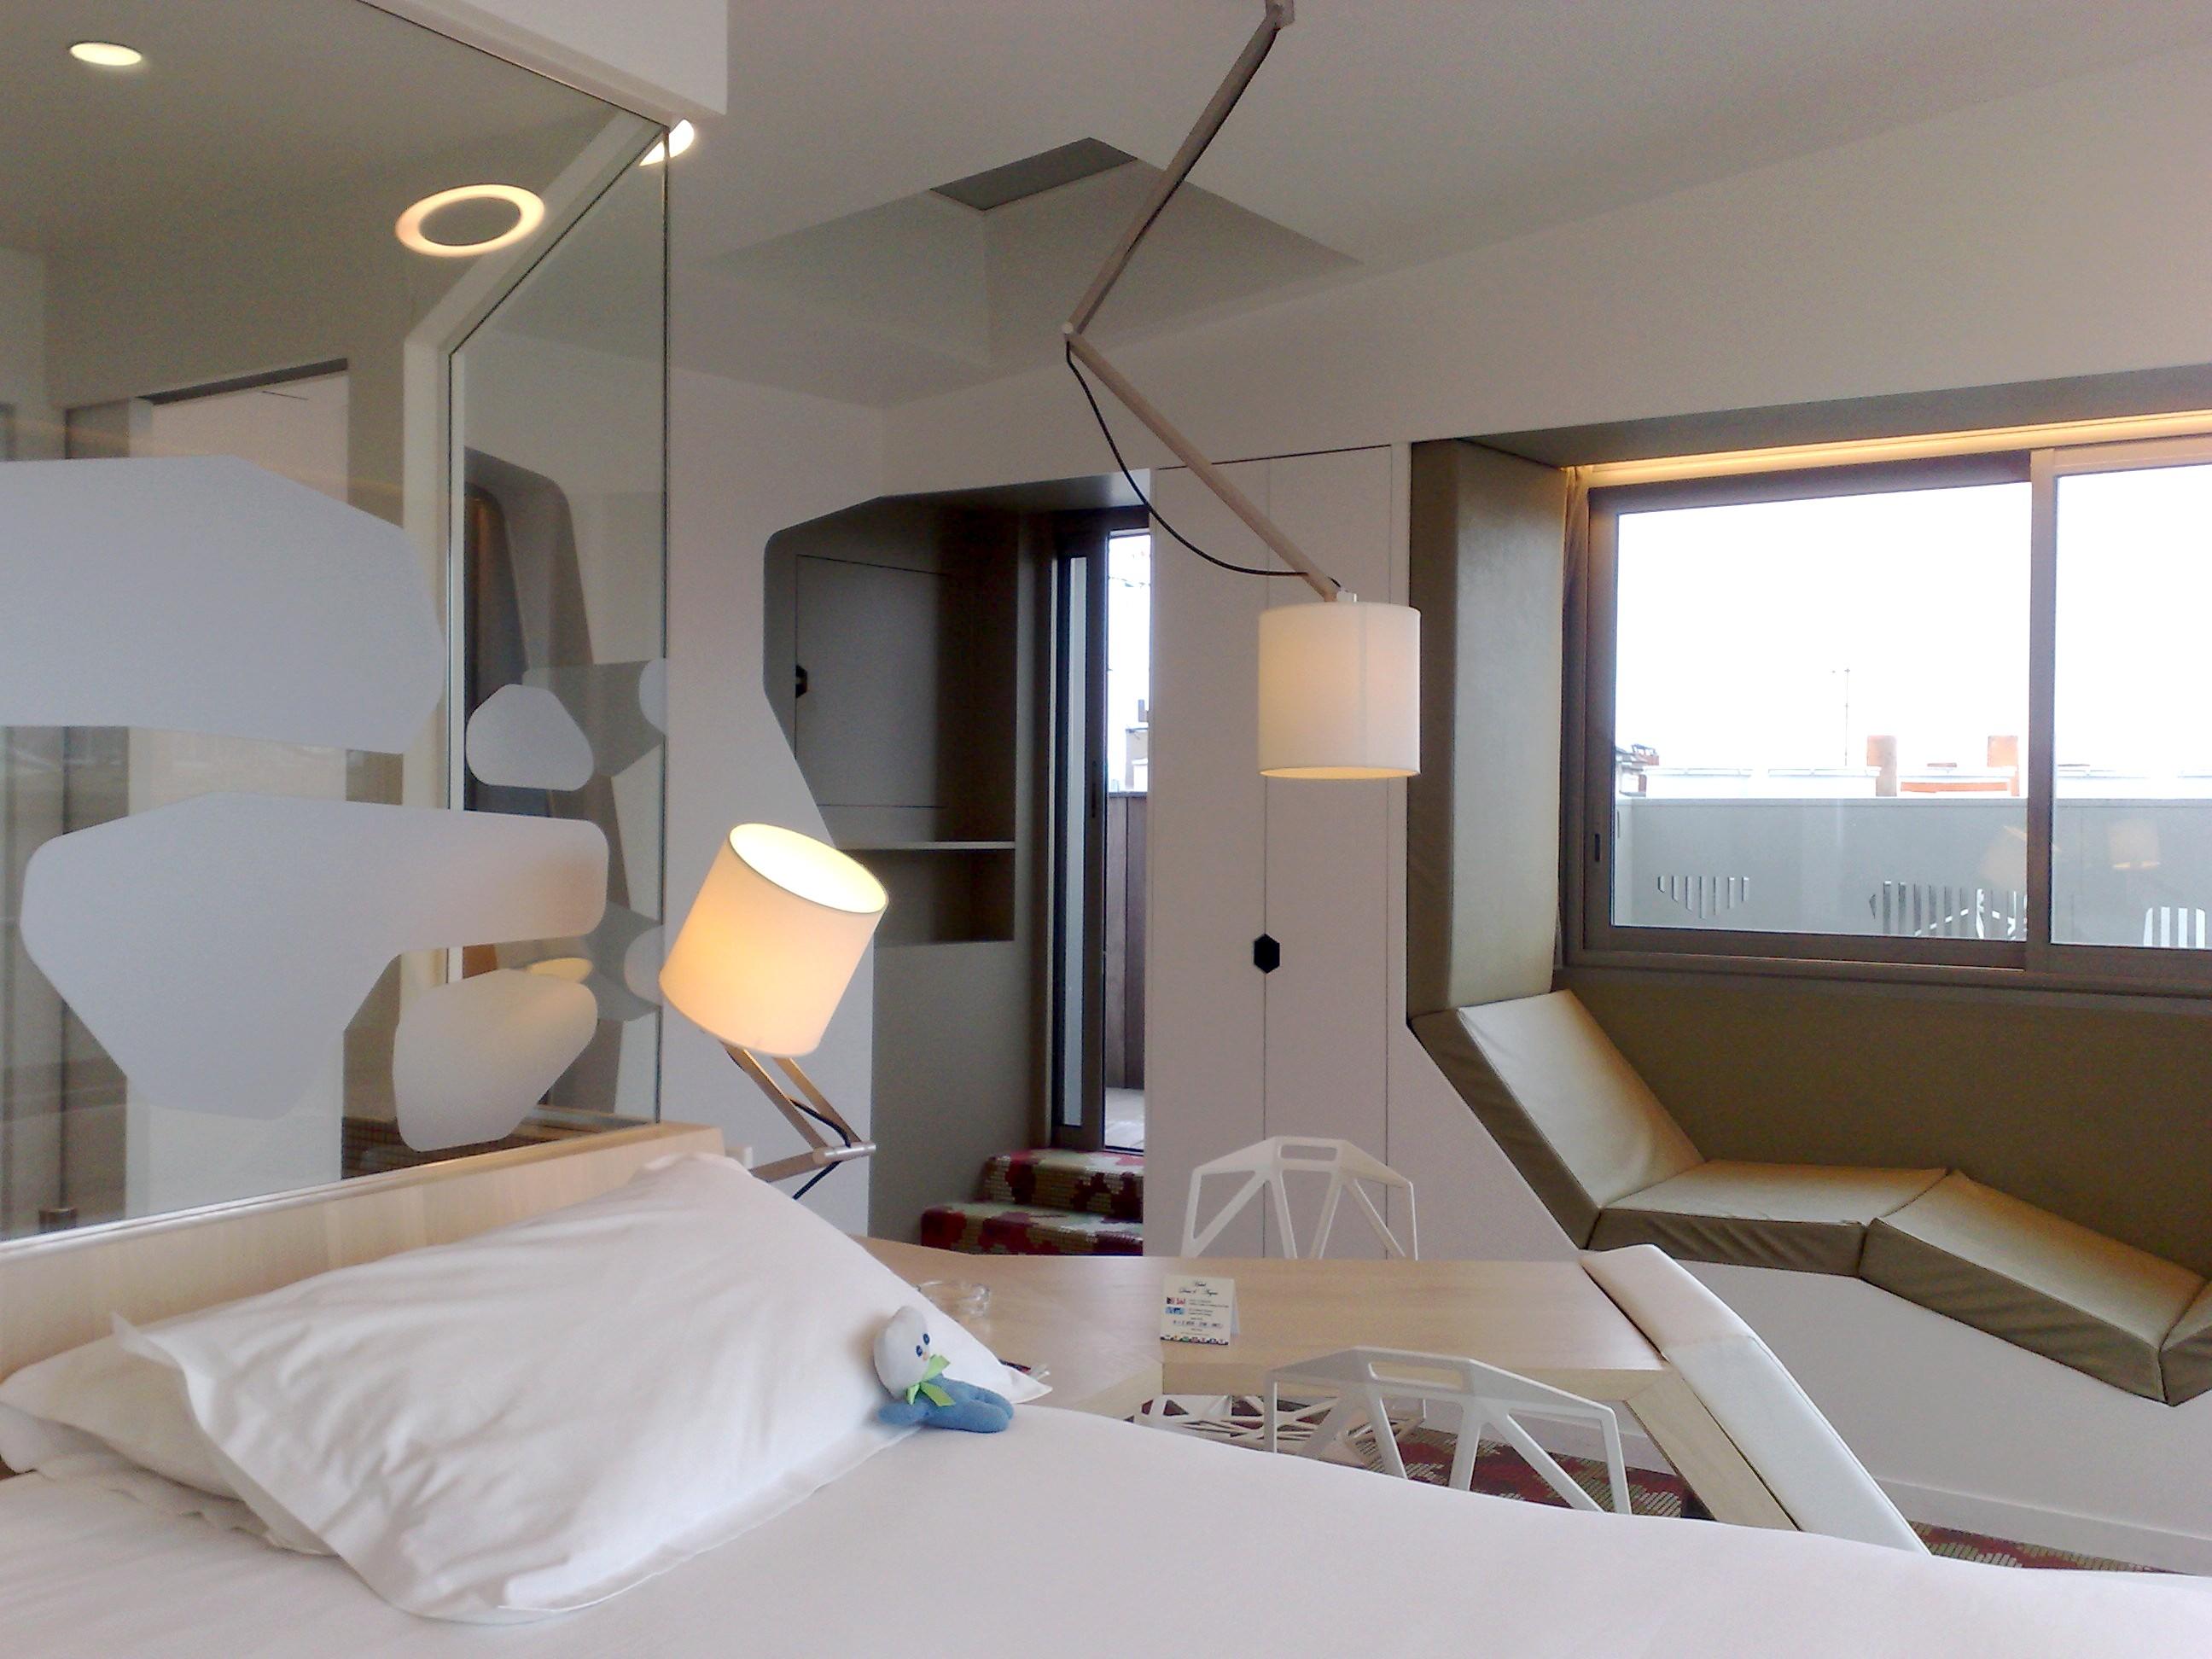 ma nuit dans le penthouse de l'hôtel des ducs d'anjou. – lavieenrouge